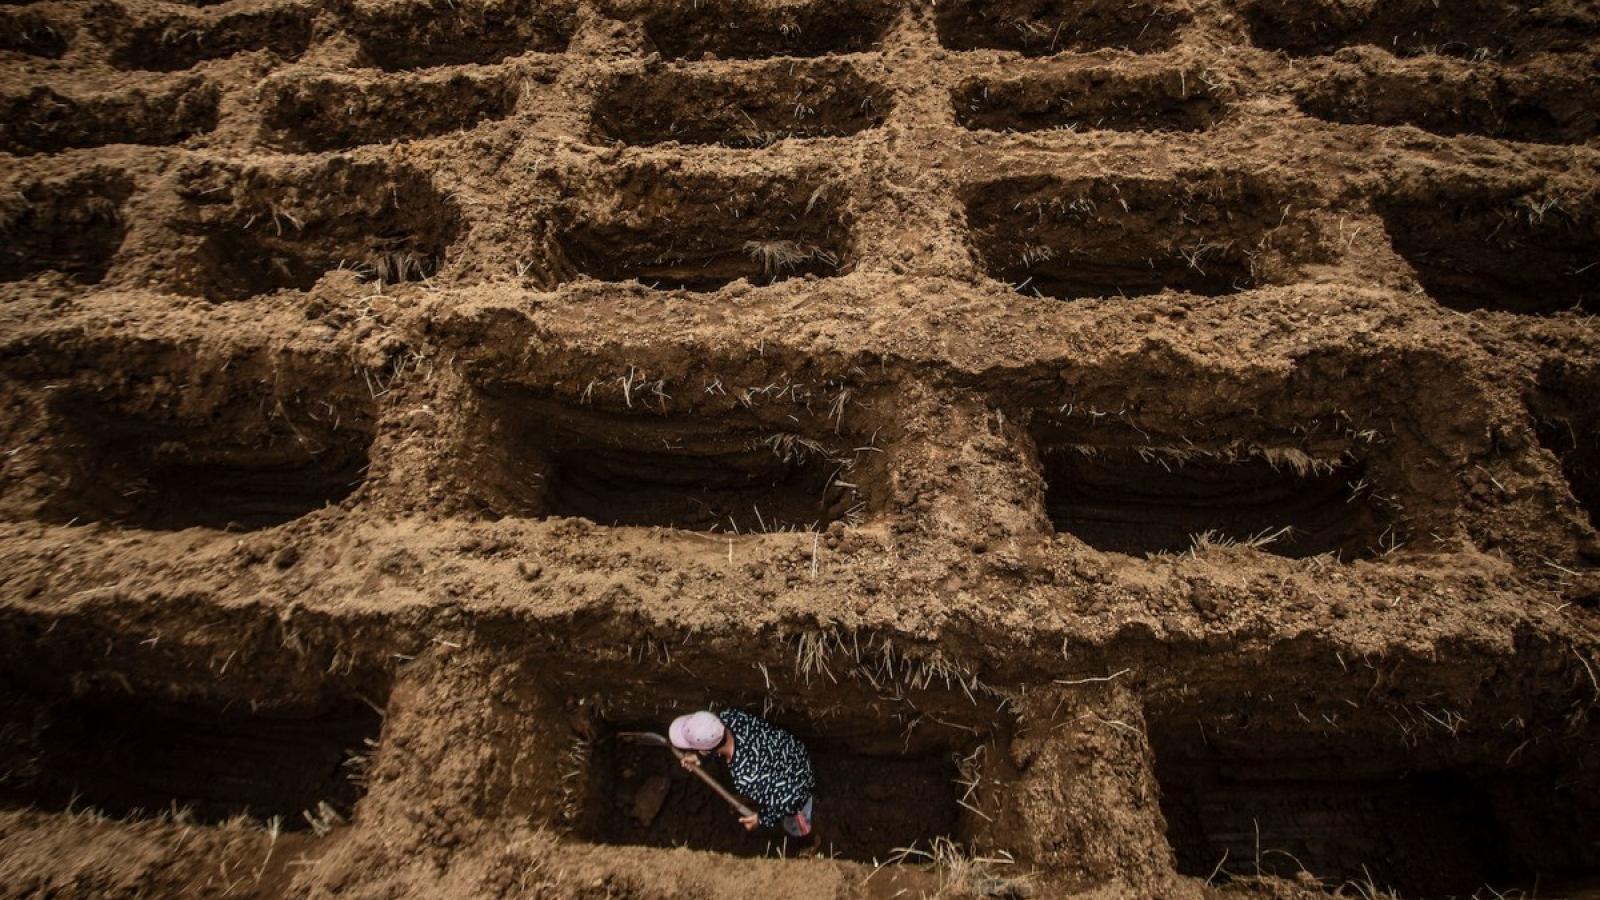 Covid-19: Cơn ác mộng của các phu mộ tại vùng tâm dịch châu Á